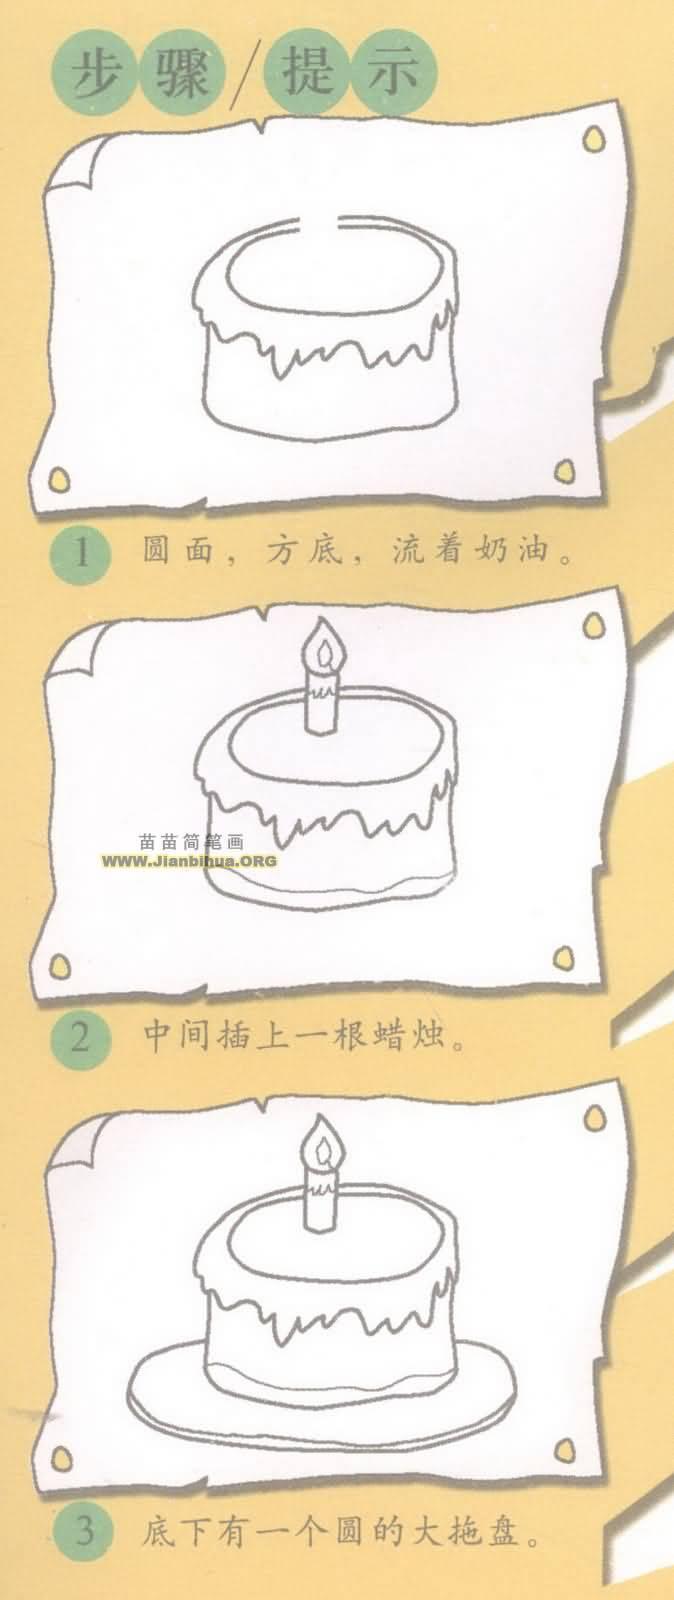 婚纱简笔画设计图教程展示